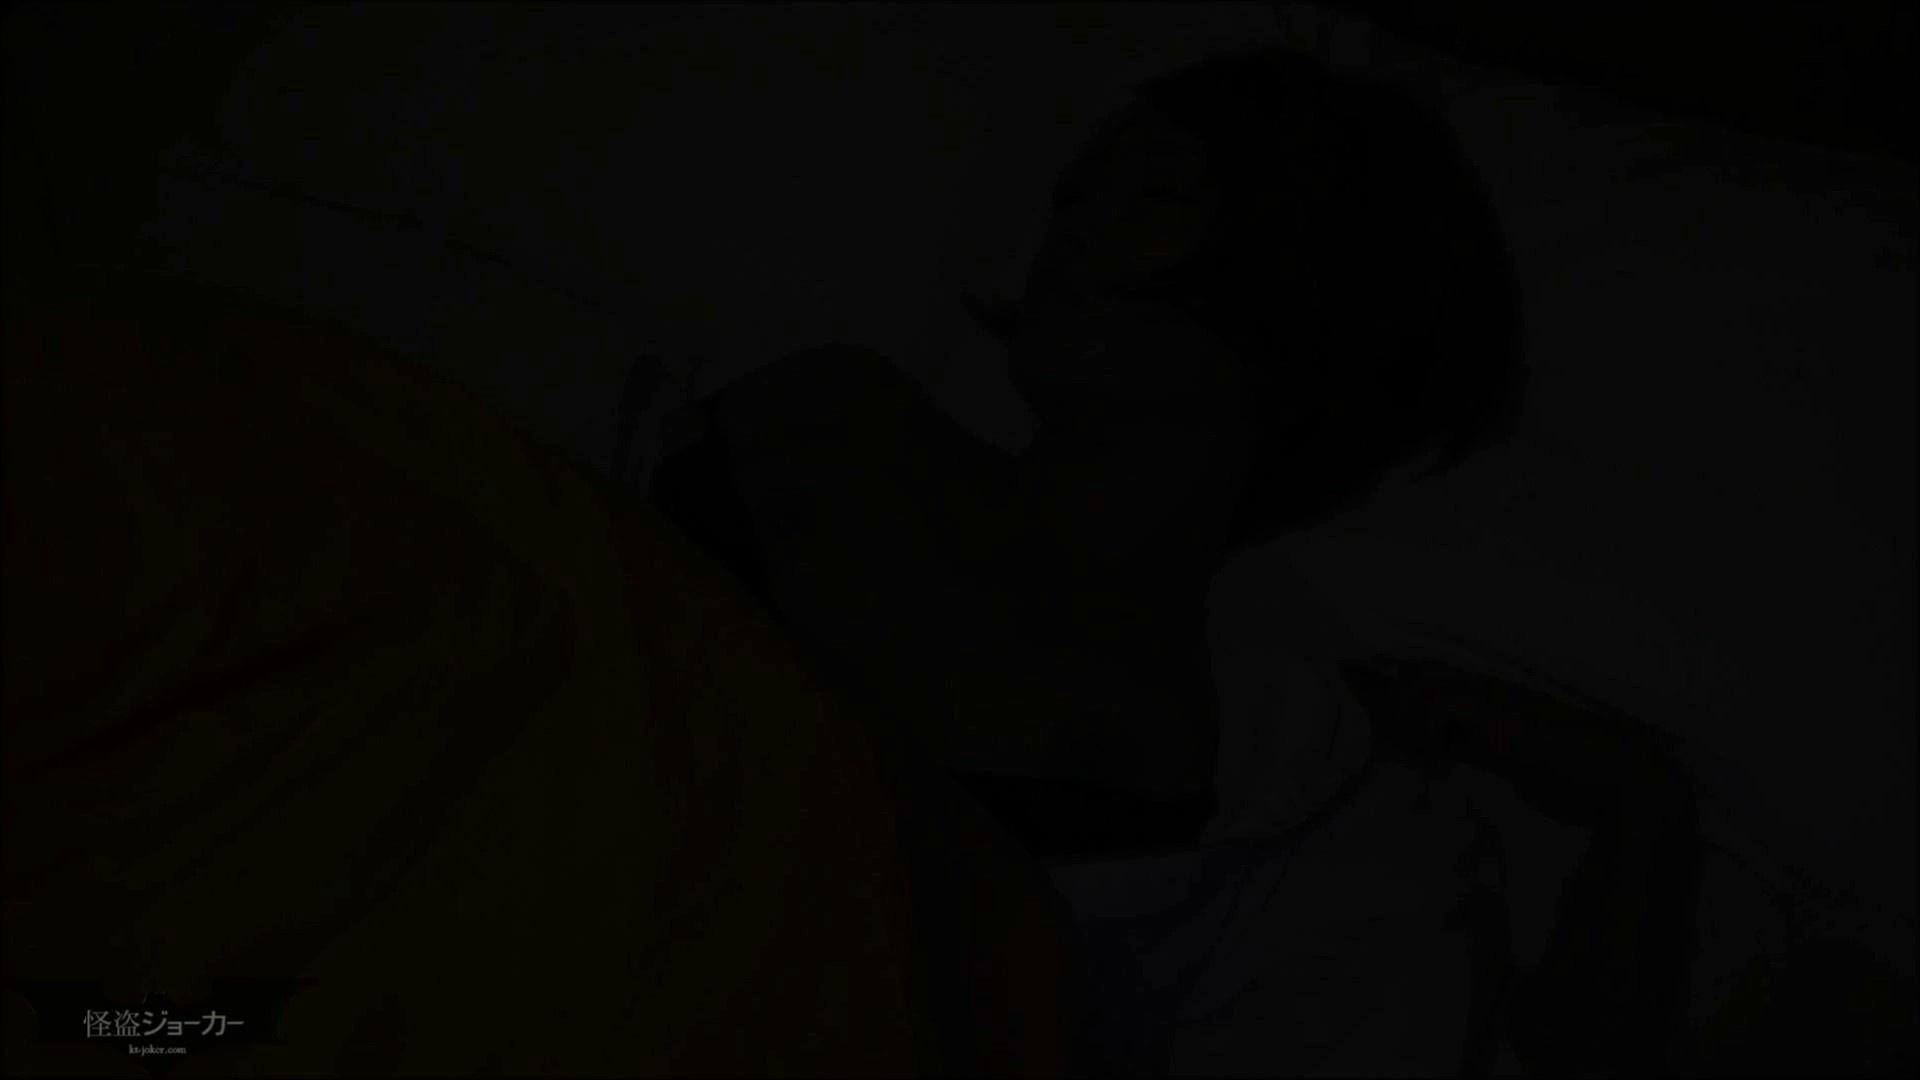 【未公開】vol.95 歯科衛生士ななみ(仮)・23歳 高画質動画 すけべAV動画紹介 109画像 65